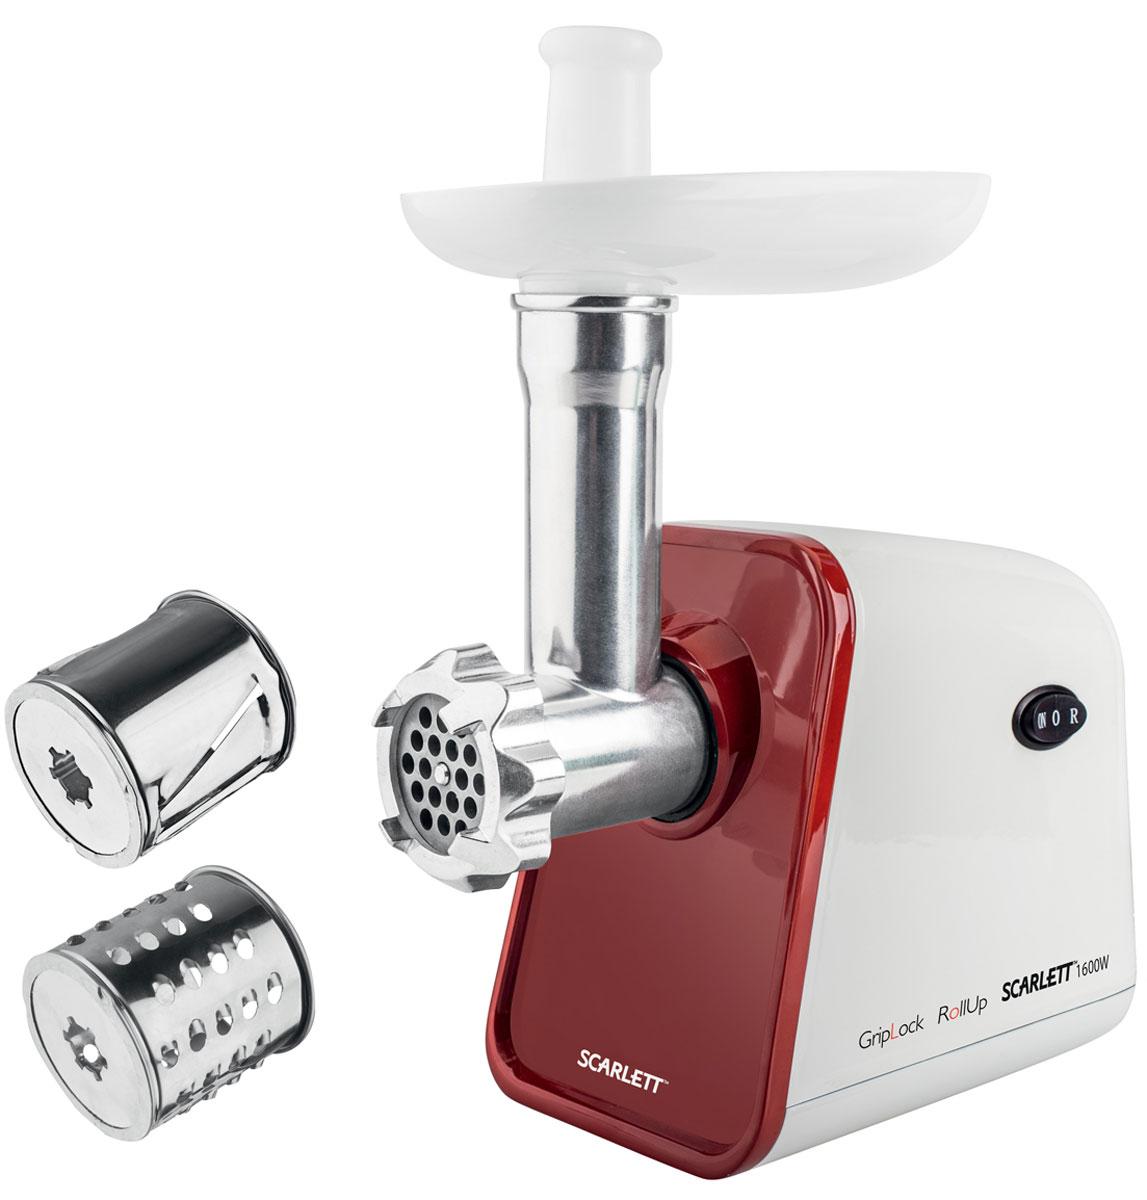 Scarlett SC-MG45M08, White Red мясорубкаSC-MG45M08Мясорубка Scarlett SC-MG45M08 станет незаменимым помощником на кухне и обязательно понравится каждой хозяйке.Технология RoLLUp - специальные насечки внутри горловины повышают производительность на 30%.Технология GripLock - обеспечивает легкую фиксацию и освобождение с помощью кнопки. Надежное металлическое соединение выдерживает высокие нагрузки и эффективно передает энергию мотора, обеспечивая длительный срок службы.Модель обладает высокой мощностью (1600 Вт при блокировке мотора) и способностью быстро измельчать большое количество продуктов - её производительность составляет 2,5 кг/мин.Система автоматического отключения при перегреве обеспечивает безопасное использование кухонного устройства.